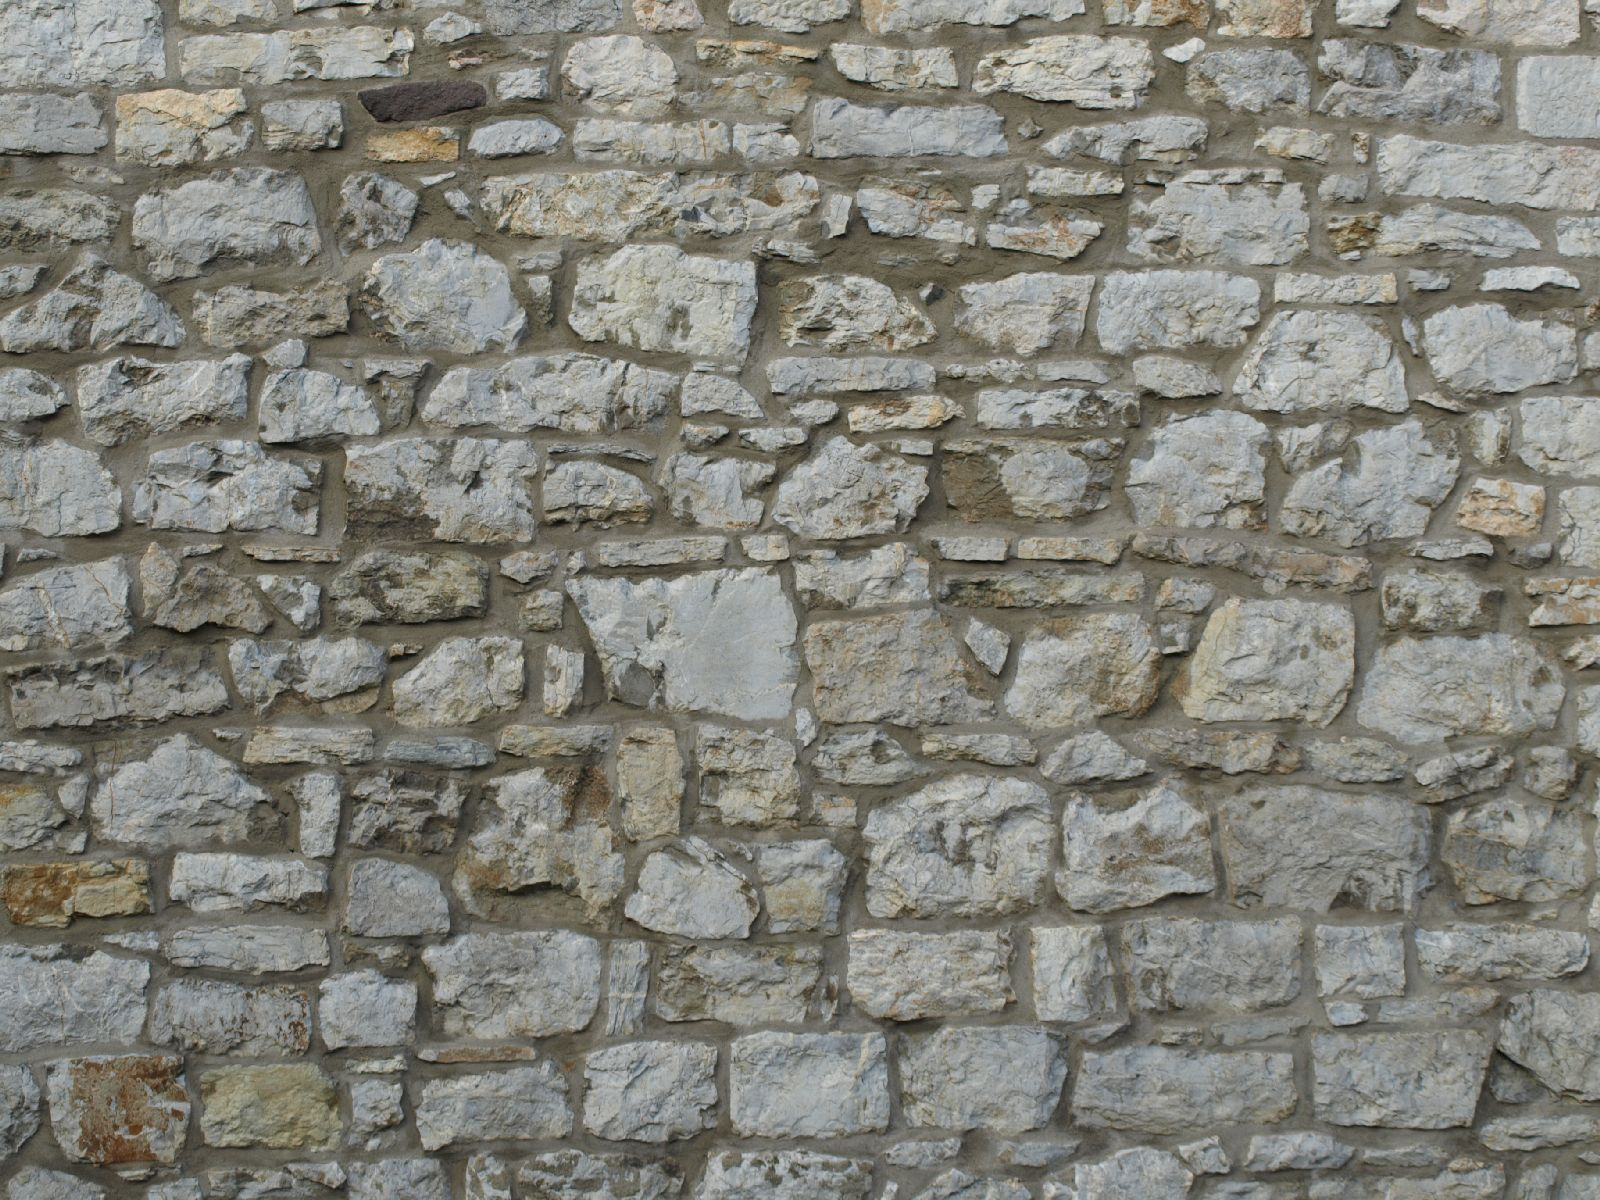 Wand-Bruchstein_Textur_A_P8234615